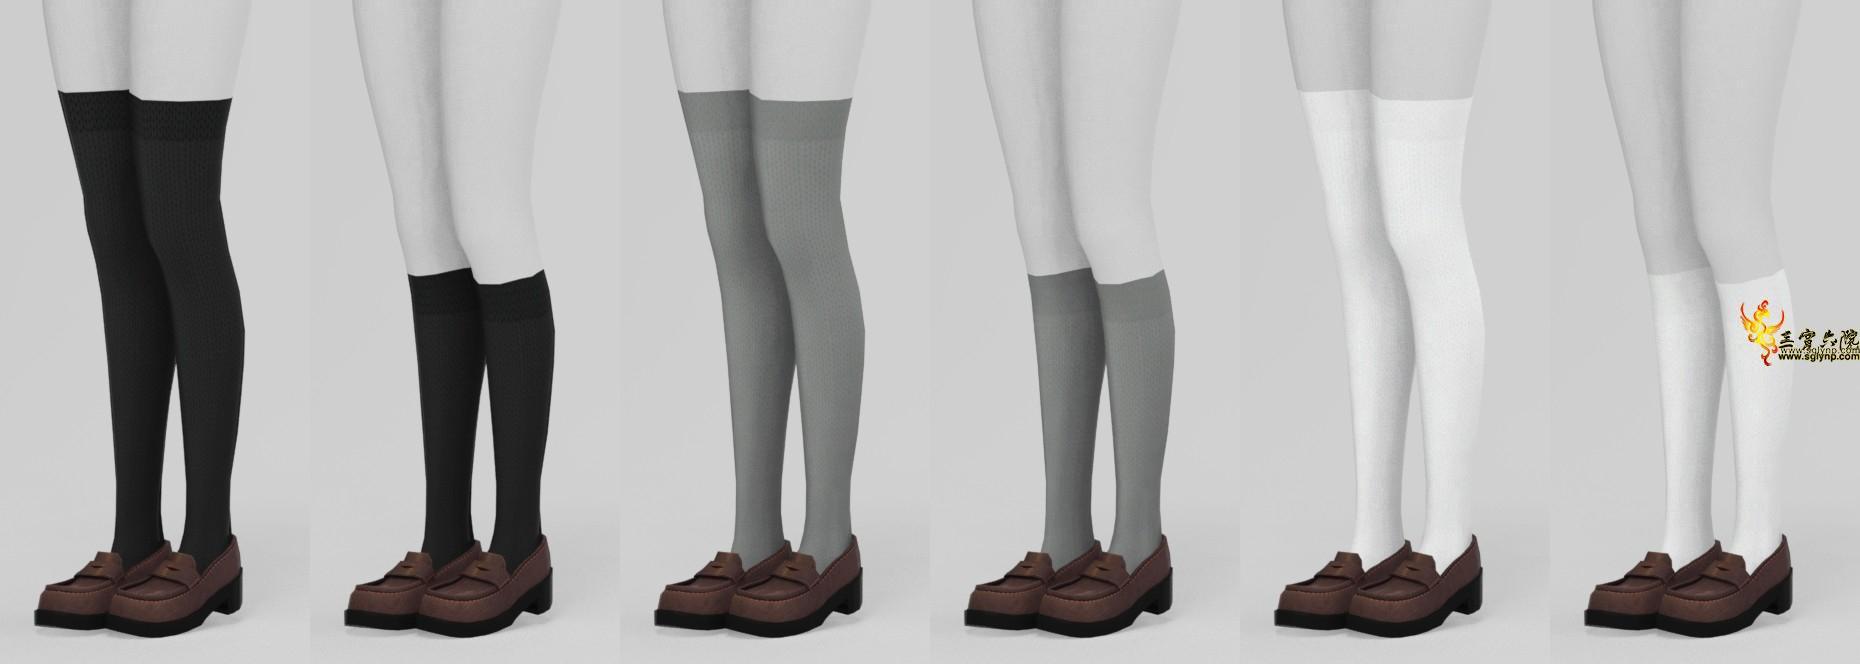 【穹】制服+袜子